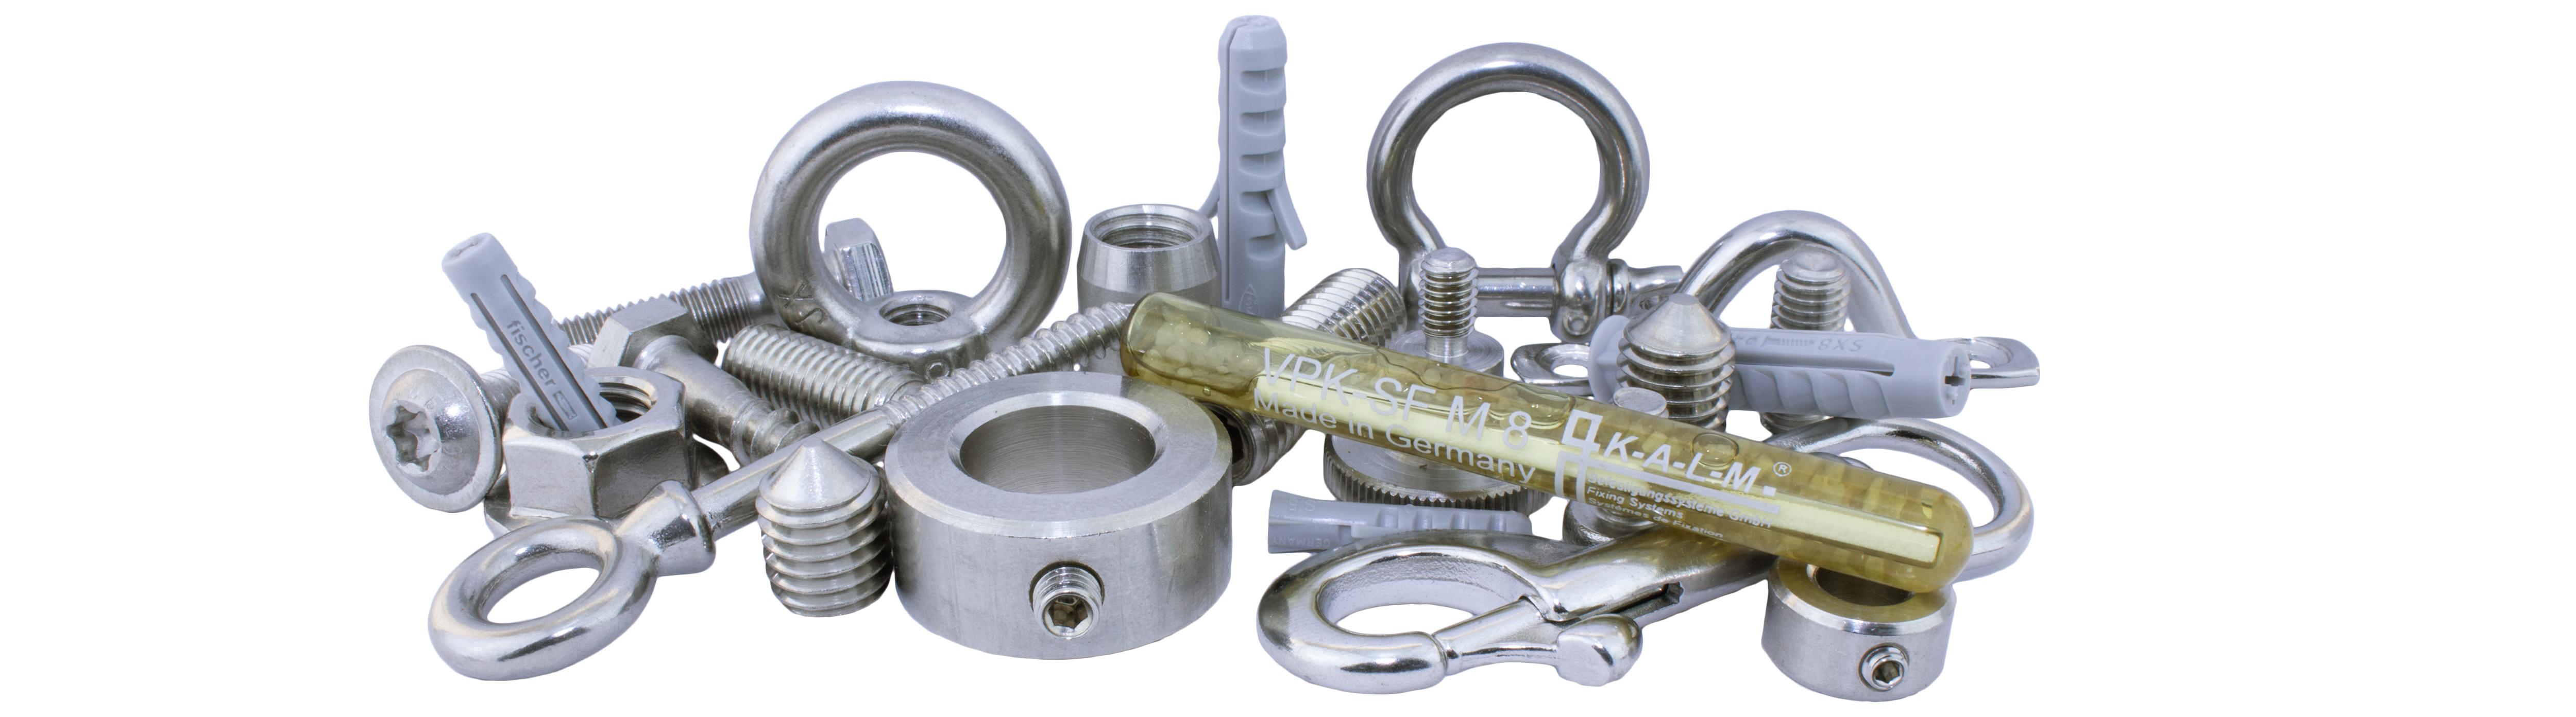 Linsenkopf-Schrauben mit ISR M3-M12 V2A TORX TX ISO 7380